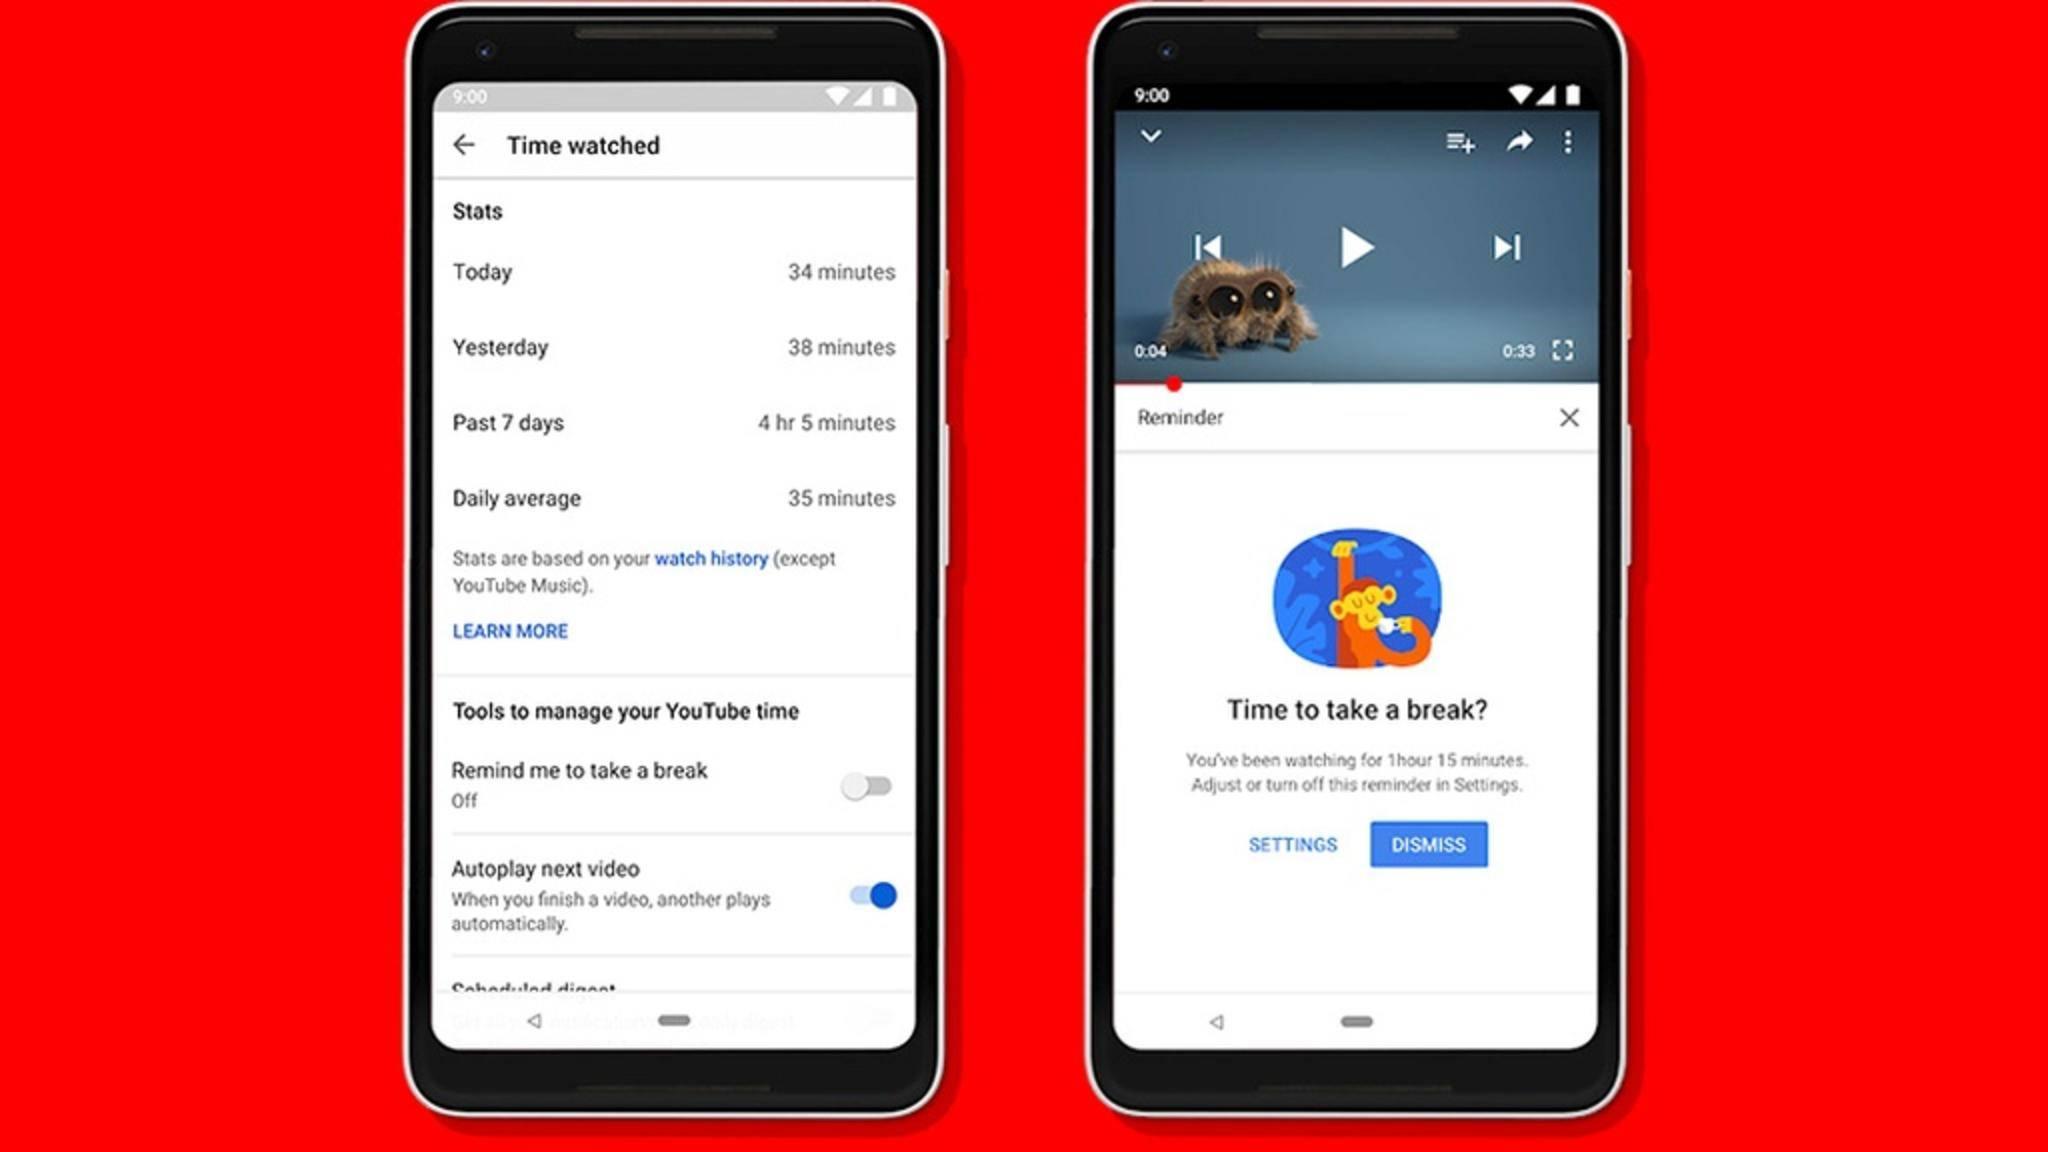 YouTube erinnert die Nutzer bald an eine Pause beim Clips-Ansehen.